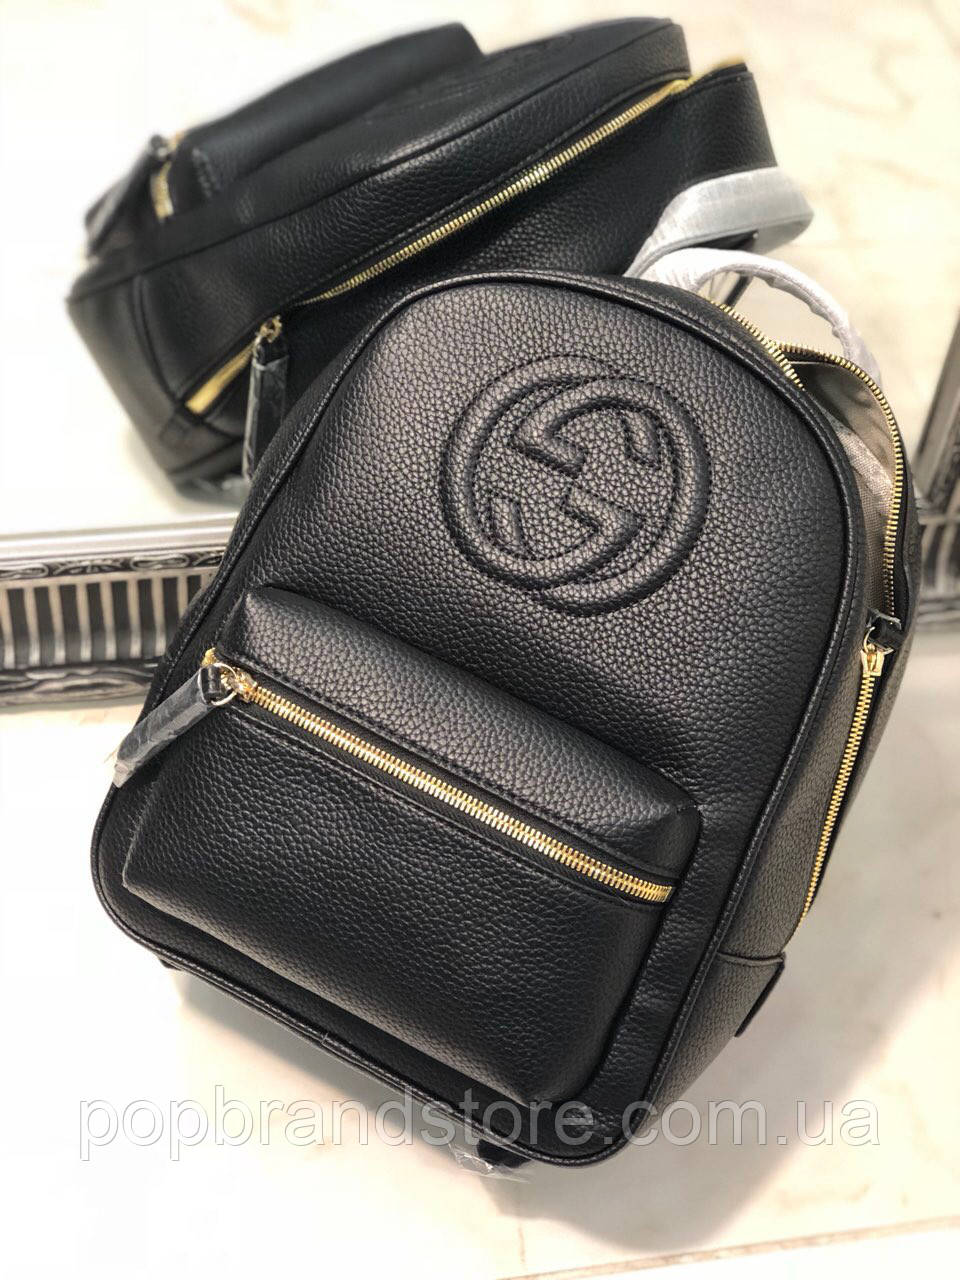 b16e5ec2d1f7 Стильный женский кожаный рюкзак Gucci (реплика) - Pop Brand Store |  брендовые сумки,